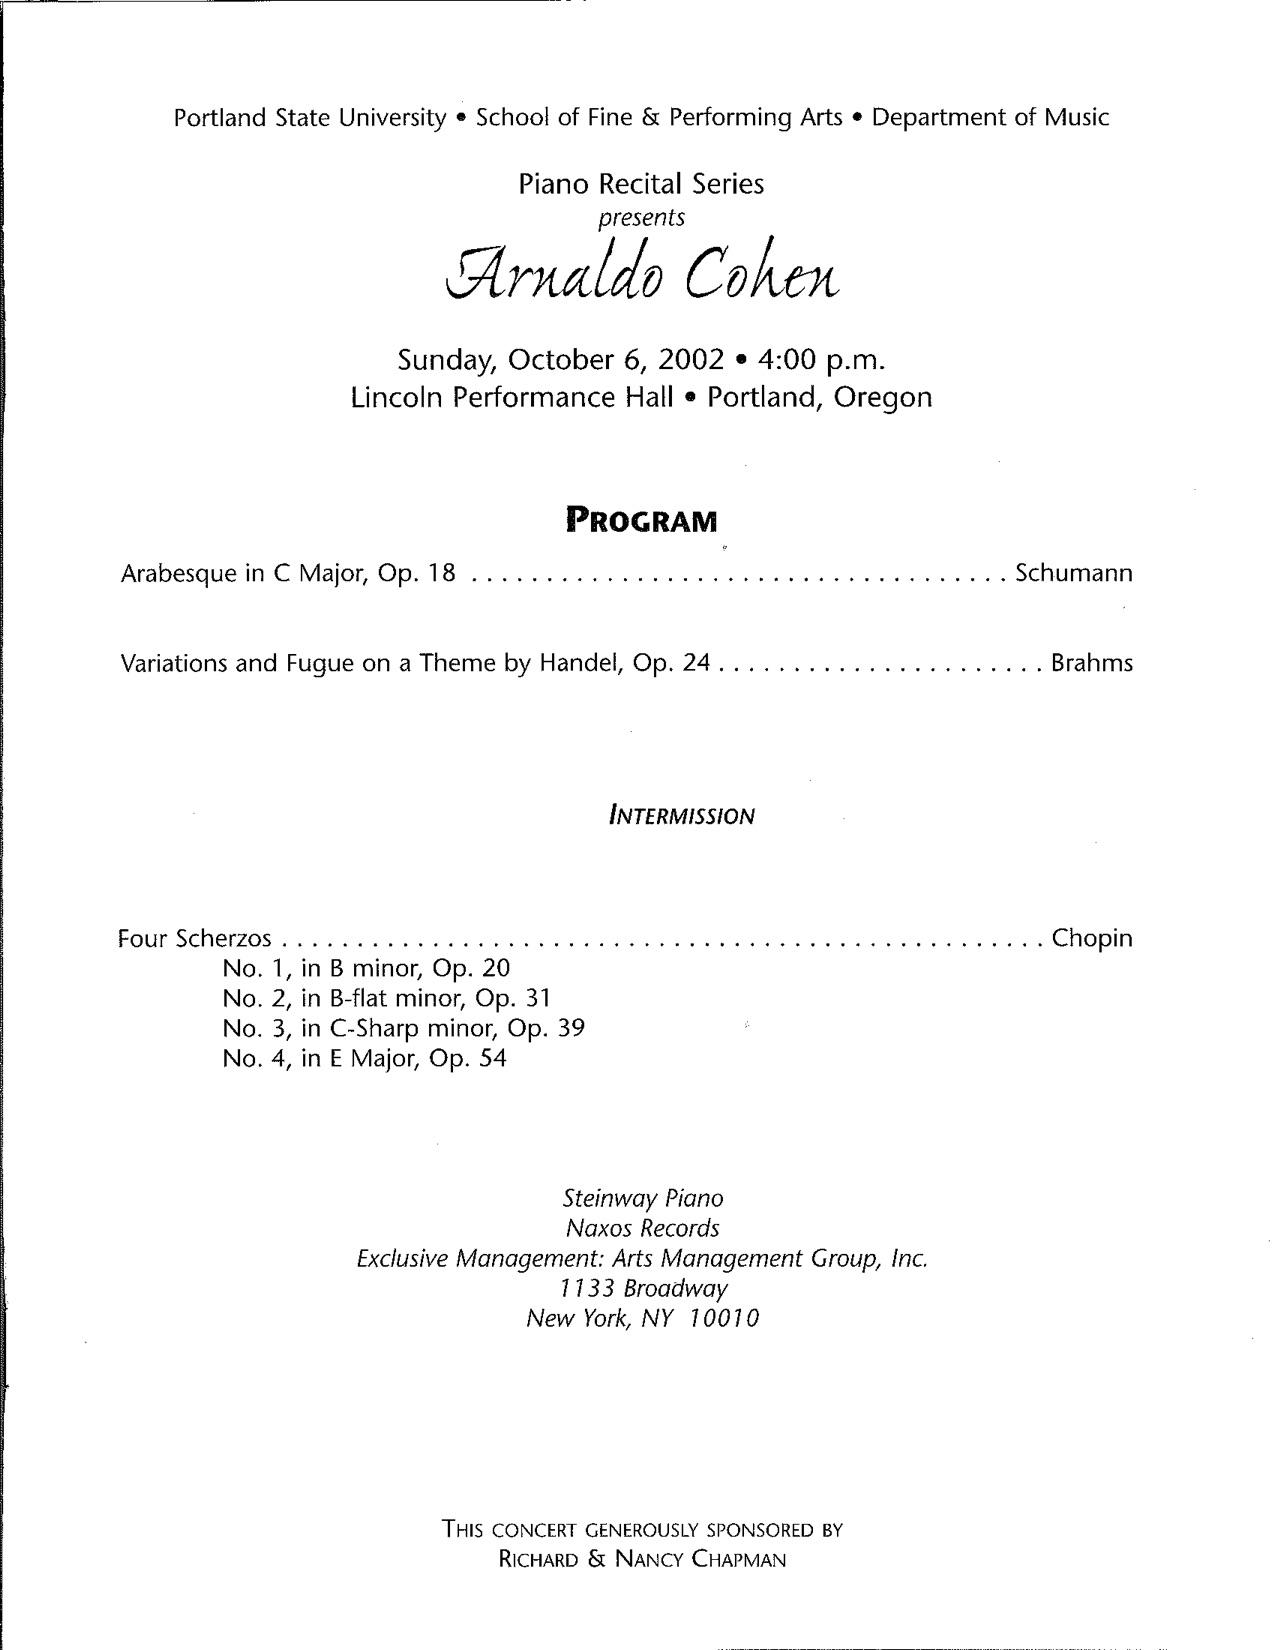 Cohen02-03_Program3.jpg